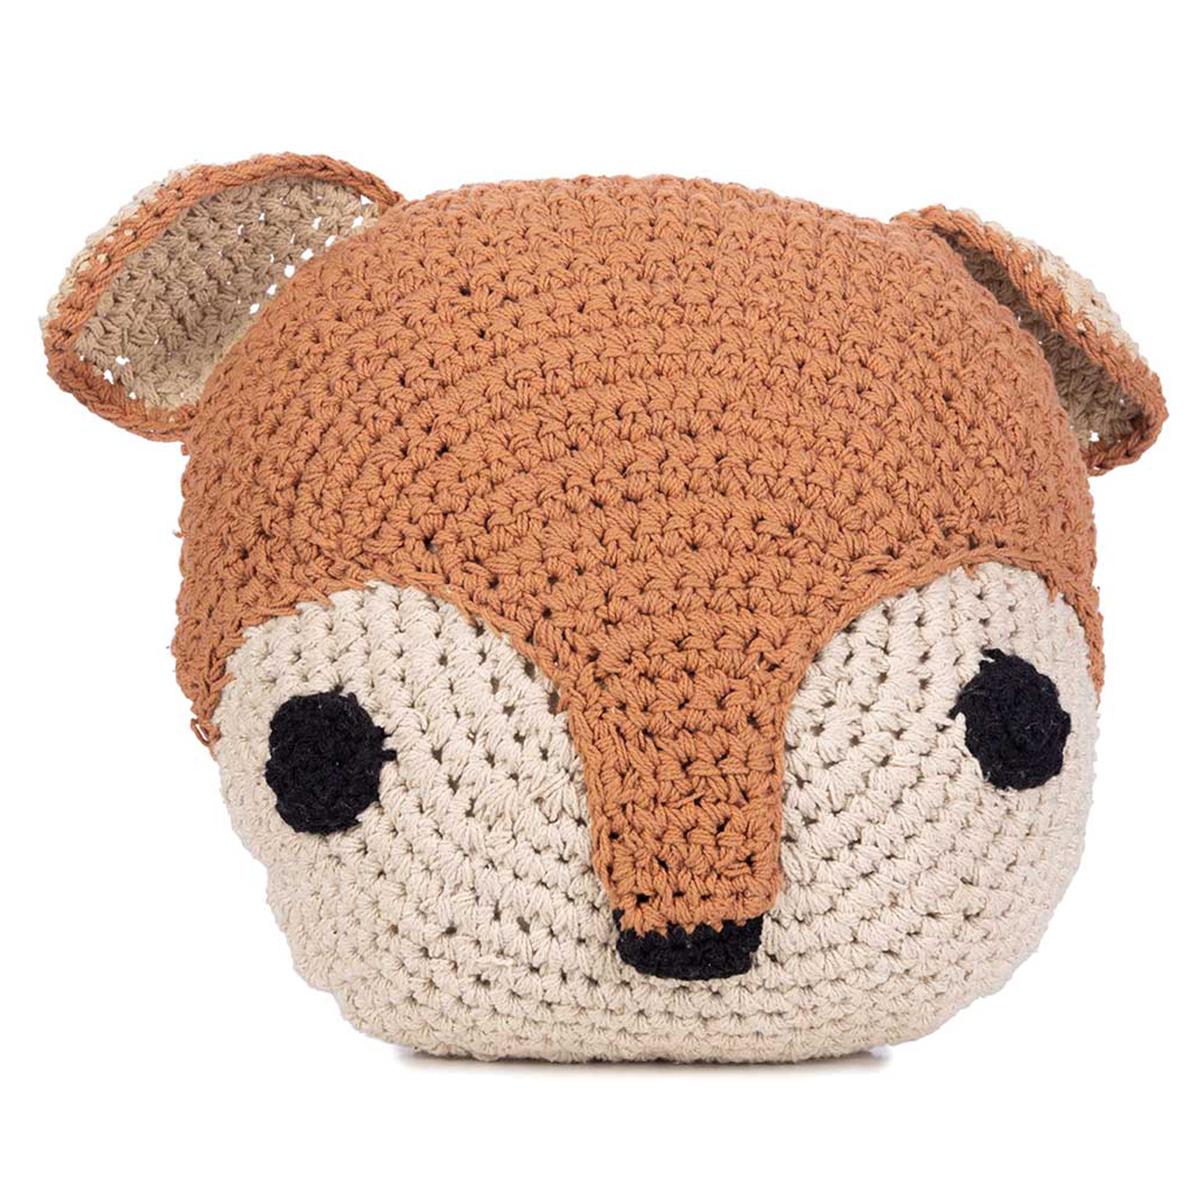 Coussin Coussin en Crochet Ecureuil Coussin en Crochet Ecureuil